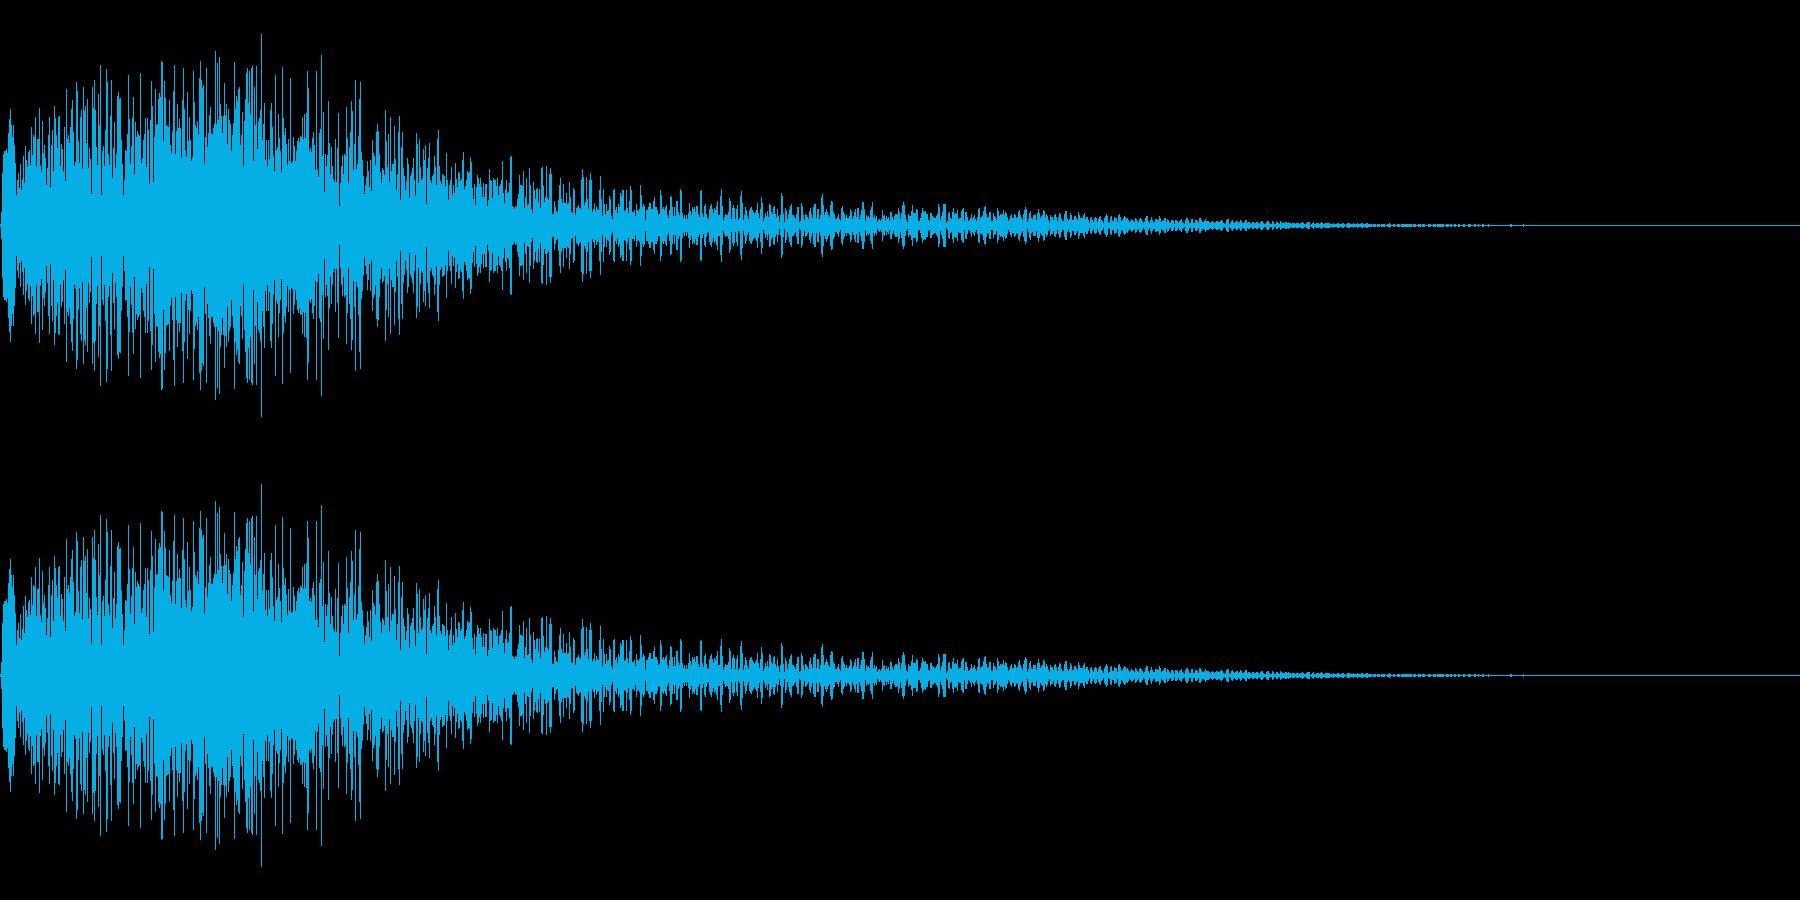 衝撃音(ギャン/ギョン)の再生済みの波形